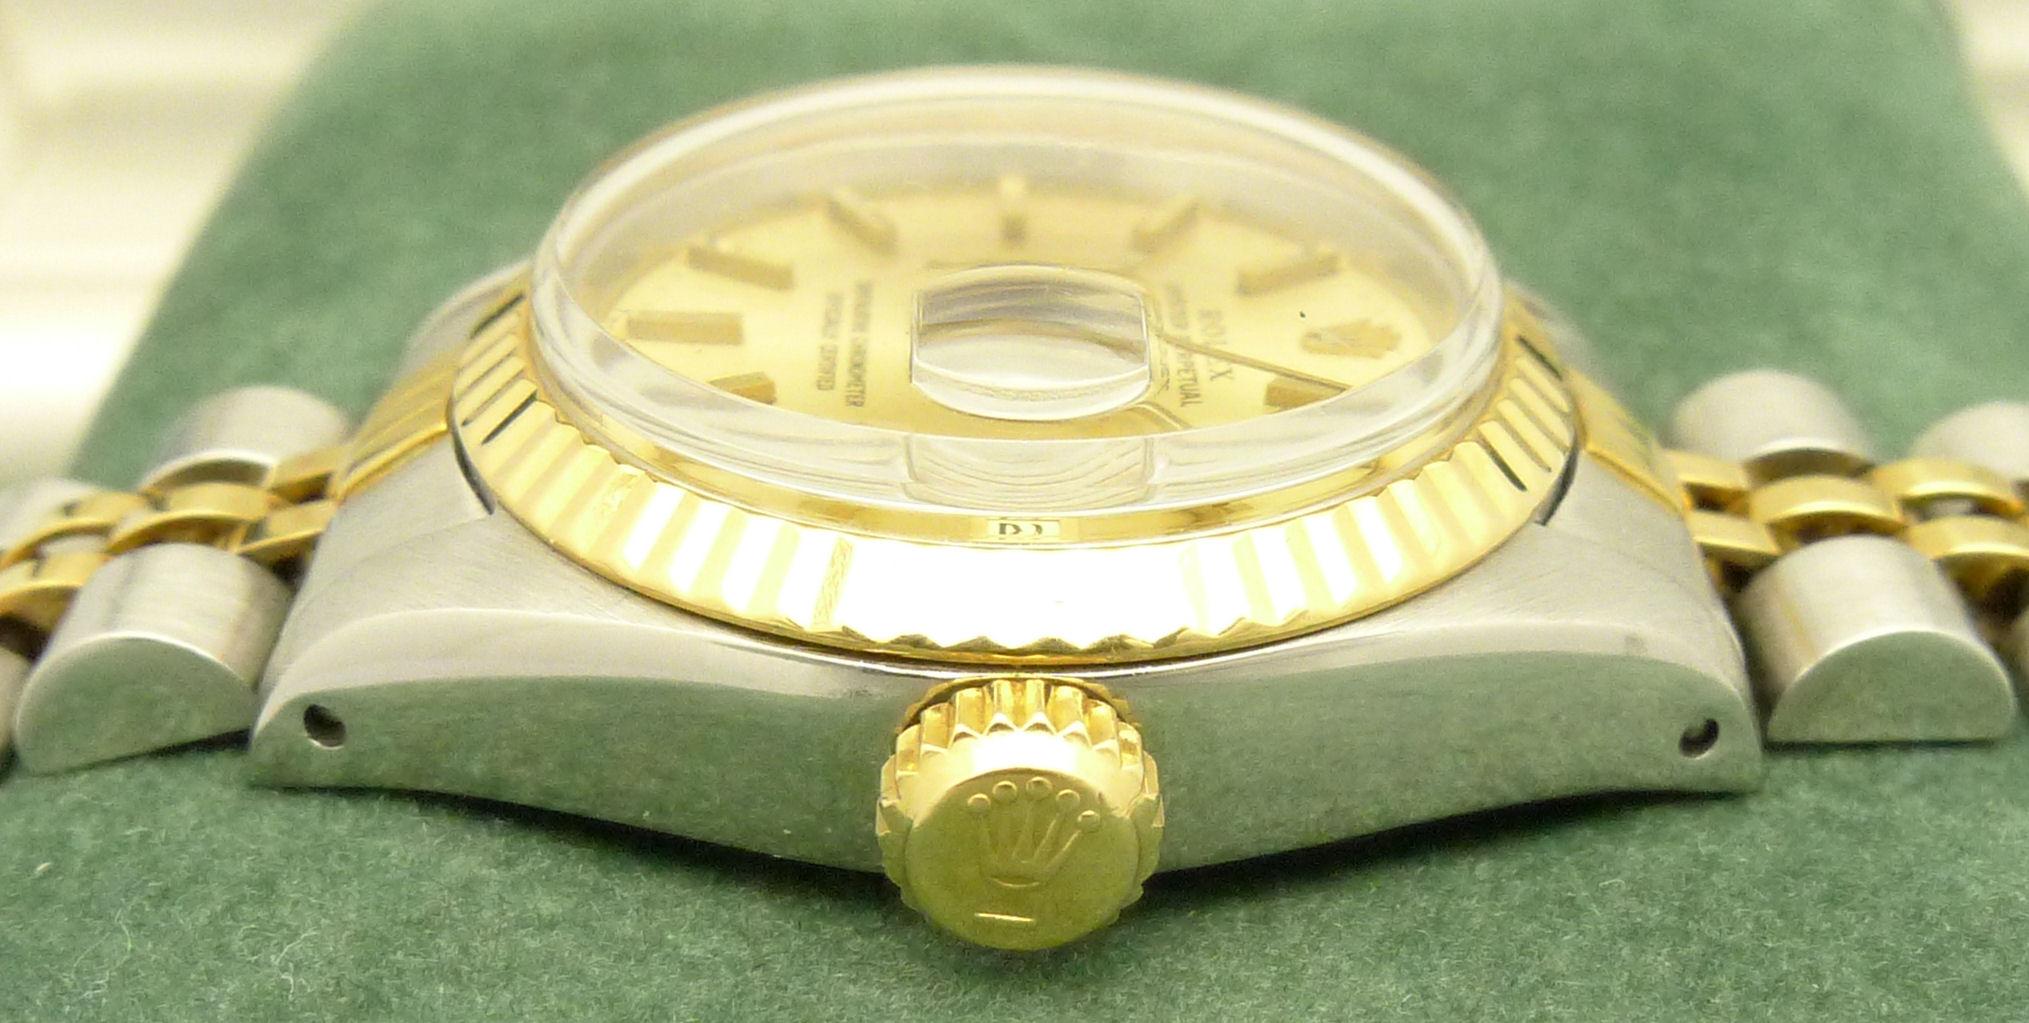 Details zu rolex lady datejust damenuhr ref 6917 stahl gold mit